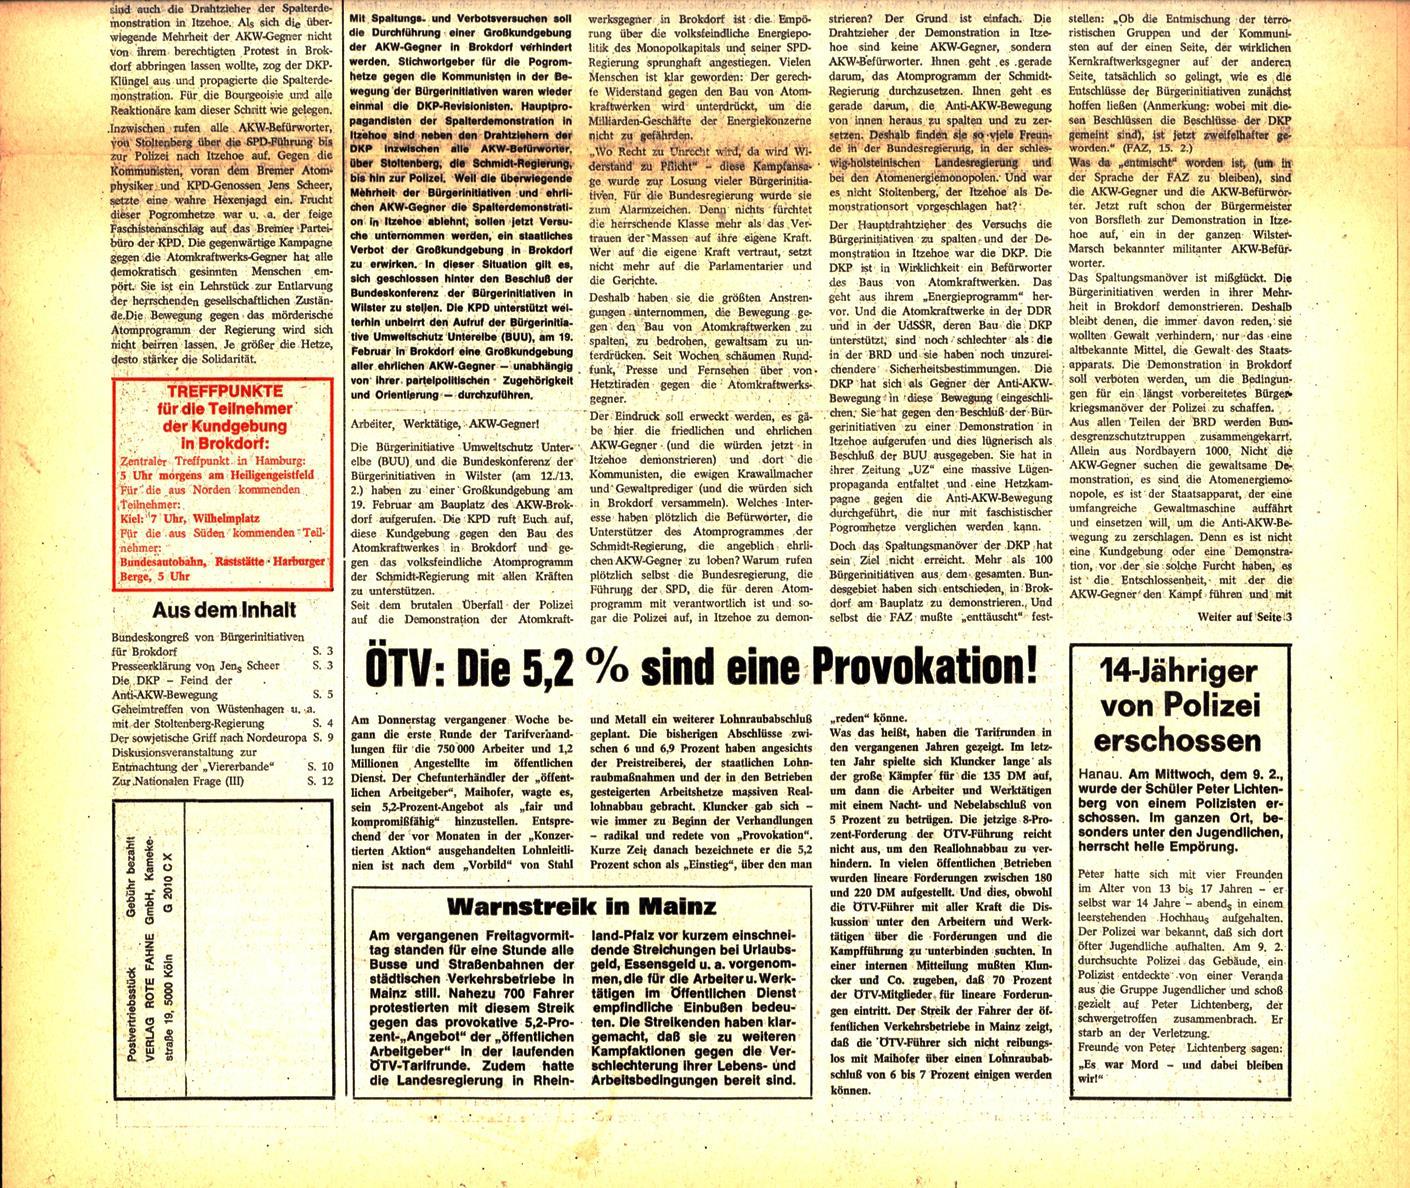 KPD_RF_1977_07_02